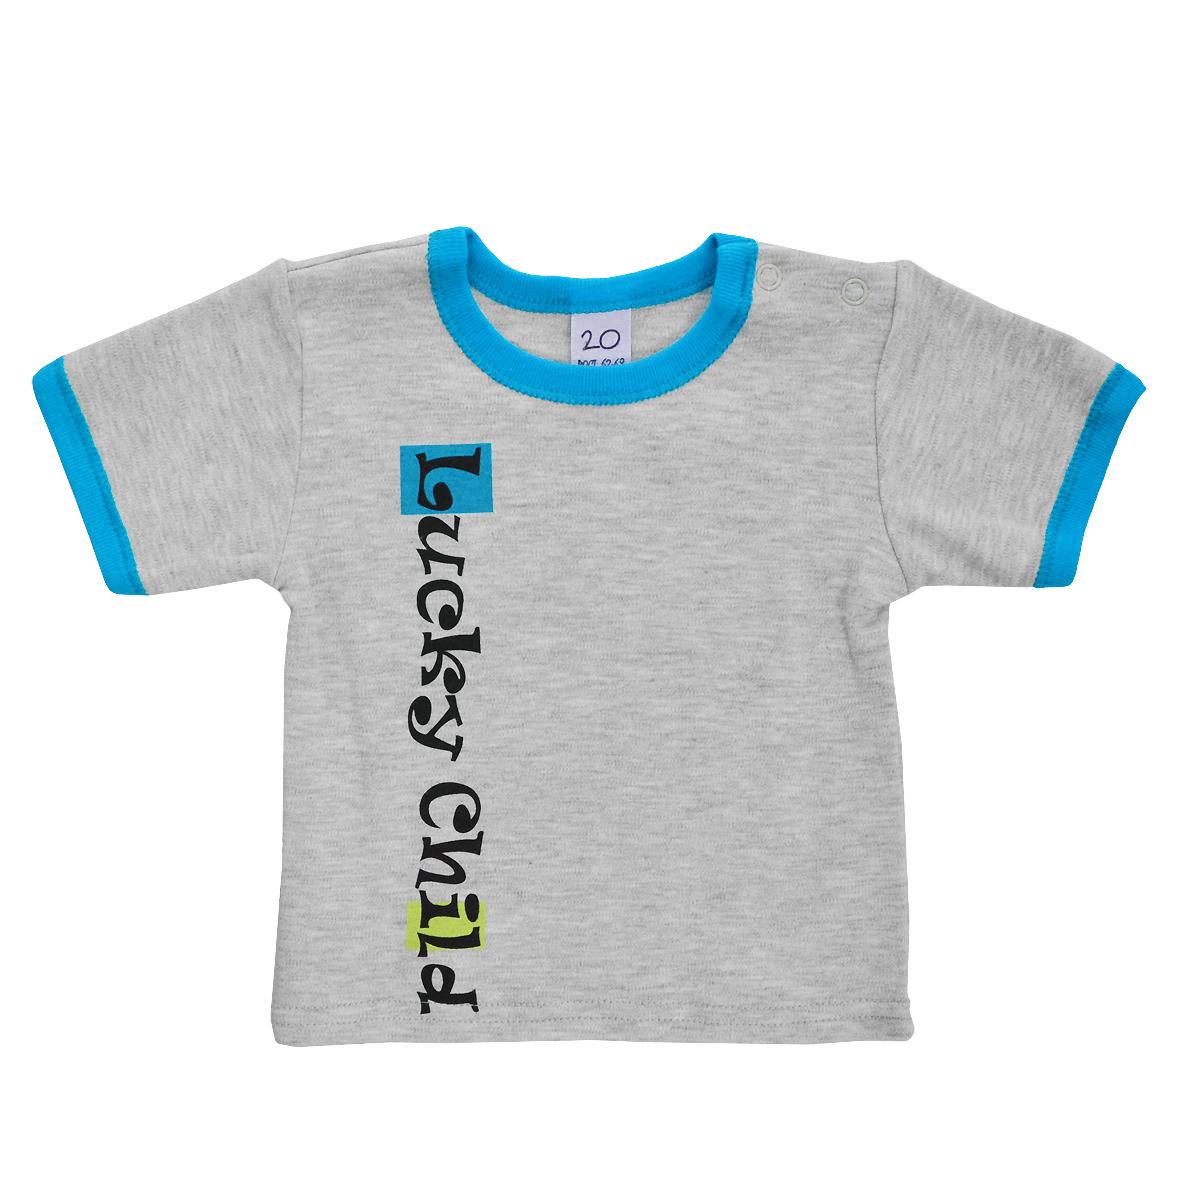 Футболка детская Lucky Child, цвет: серый, голубой. 1-26М. Размер 92/981-26МкДетская футболка Lucky Child Спорт идеально подойдет вашему ребенку и станет прекрасным дополнением к его гардеробу. Изготовленная из натурального хлопка, она мягкая и приятная на ощупь, не сковывает движения и позволяет коже дышать, не раздражает даже самую нежную и чувствительную кожу ребенка, обеспечивая наибольший комфорт. Футболка с круглым вырезом горловины и короткими рукавами застегивается на кнопки по плечевому шву, что позволяет легко переодеть кроху. Низ рукавов и вырез горловины дополнены трикотажными резинками контрастного цвета. Модель оформлена принтовой надписью.В такой футболке ваш ребенок будет чувствовать себя уютно и комфортно, и всегда будет в центре внимания!